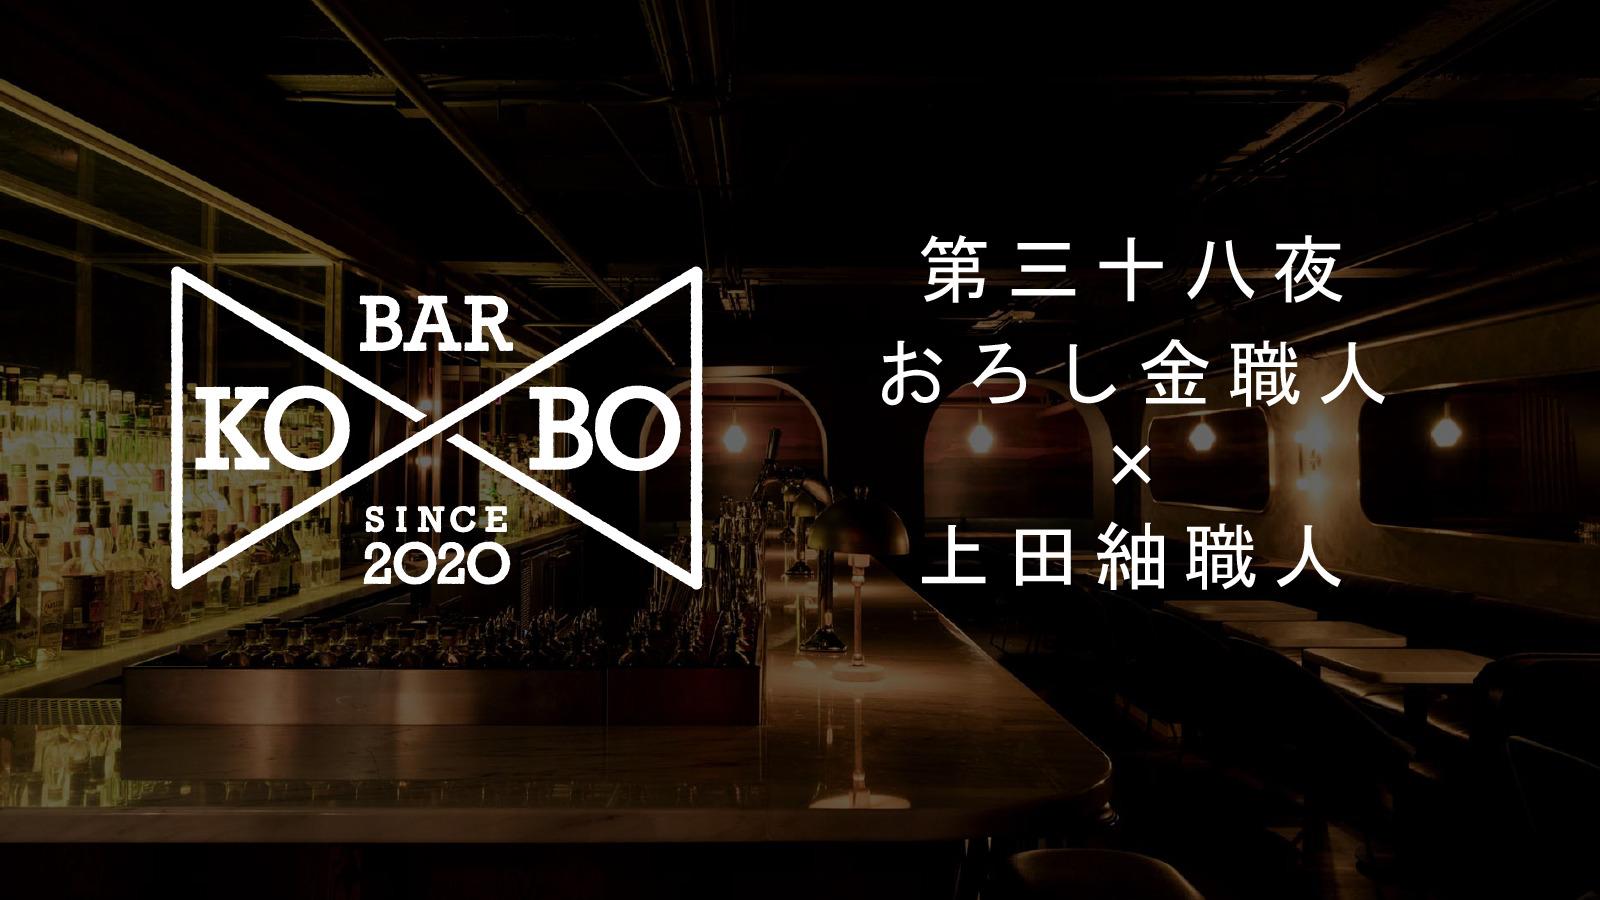 【Bar KO-BO 第三十八夜】おろし金職人×上田紬職人